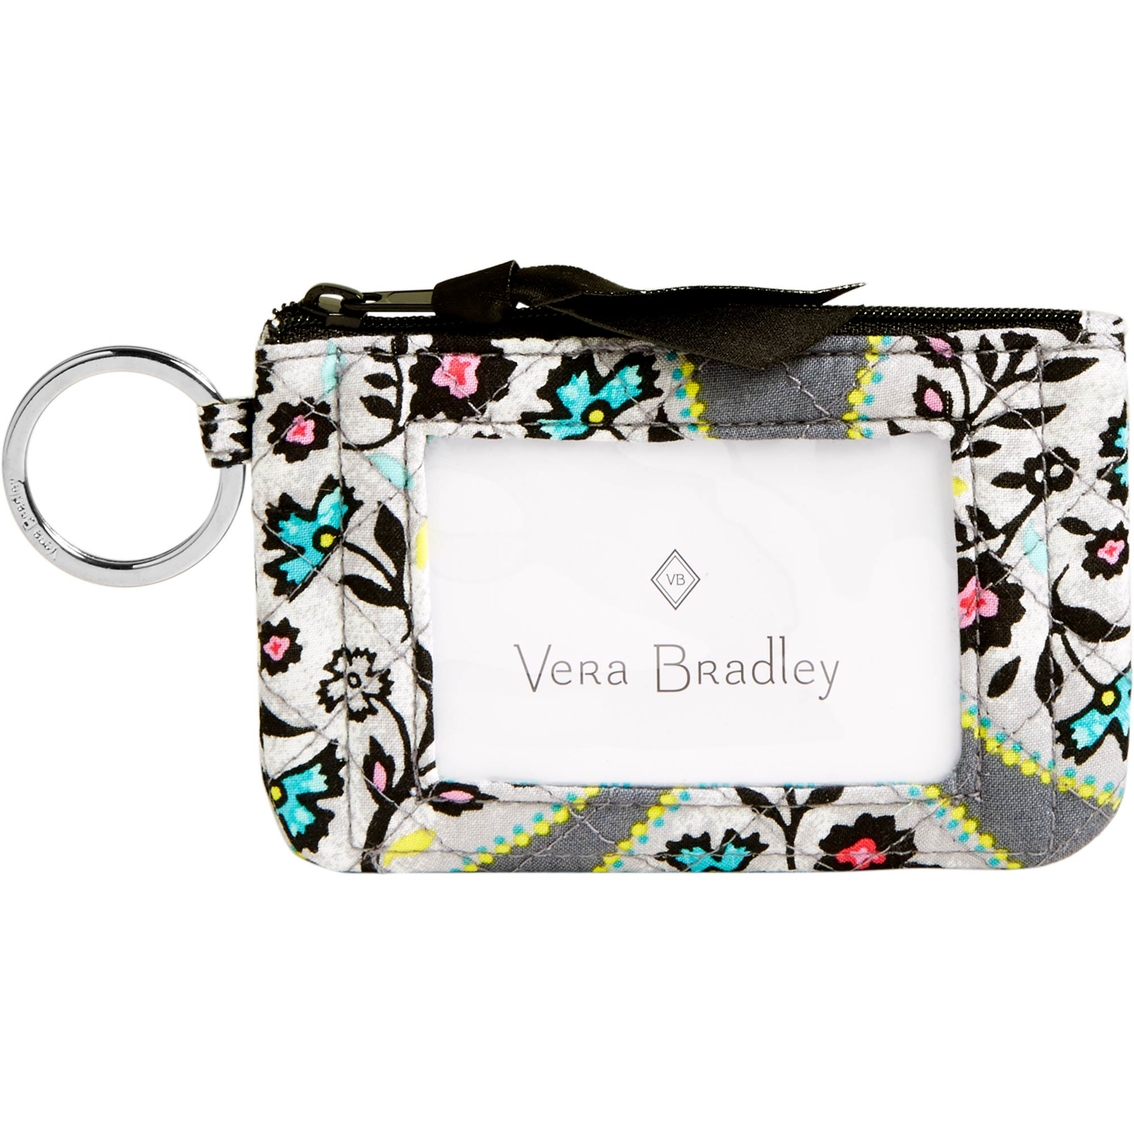 Vera Bradley Iconic Zip Id Case c26f039cfe37c